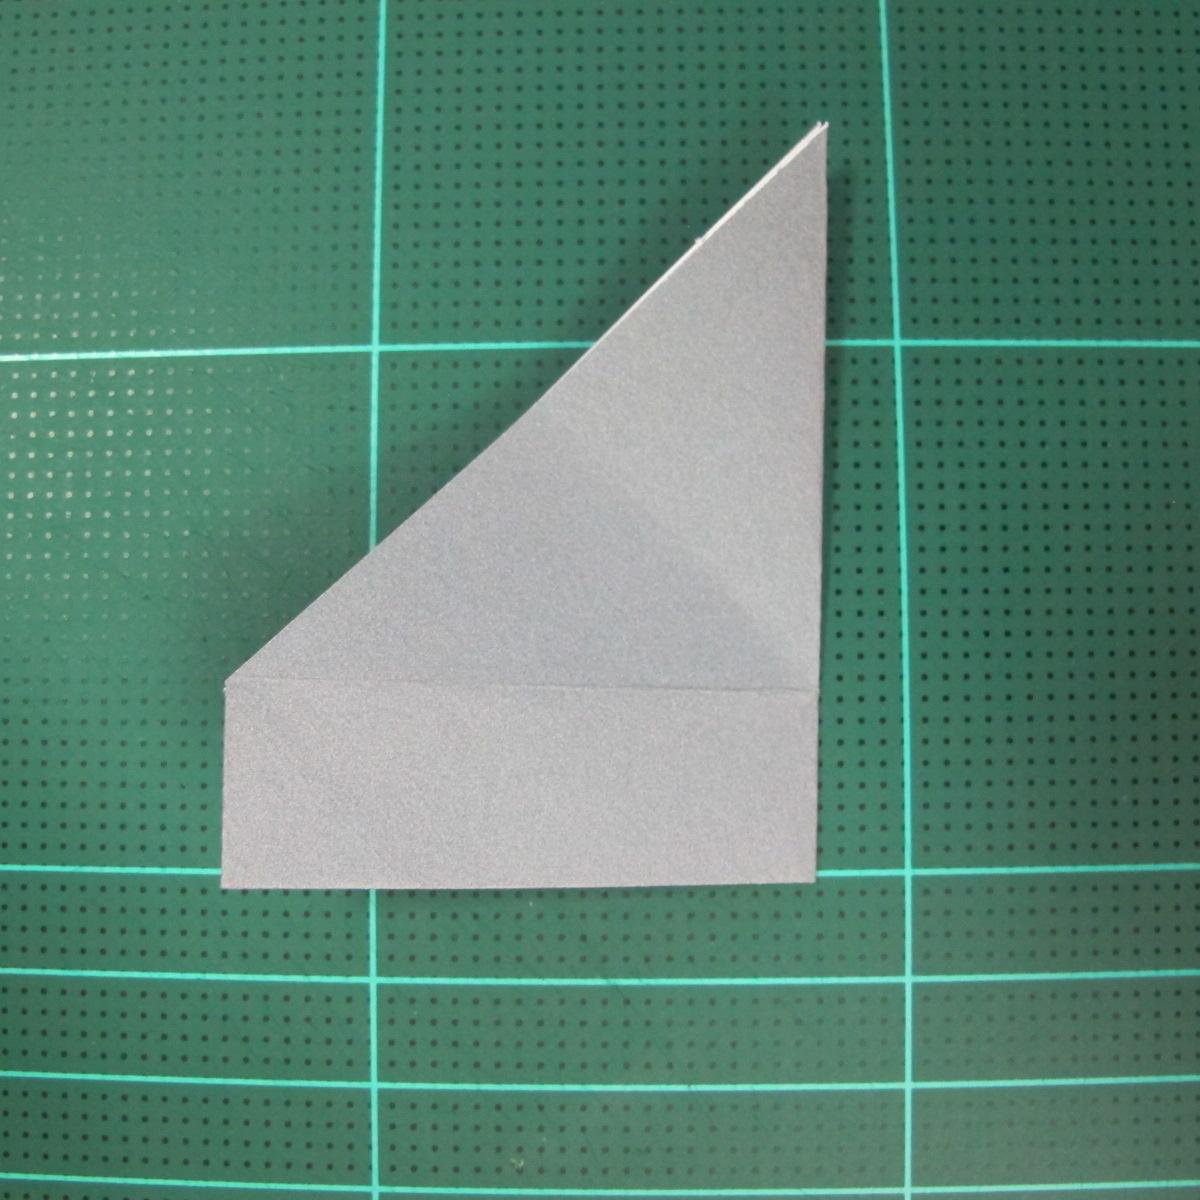 วิธีพับกล่องของขวัญแบบโมดูล่า (Modular Origami Decorative Box) โดย Tomoko Fuse 017